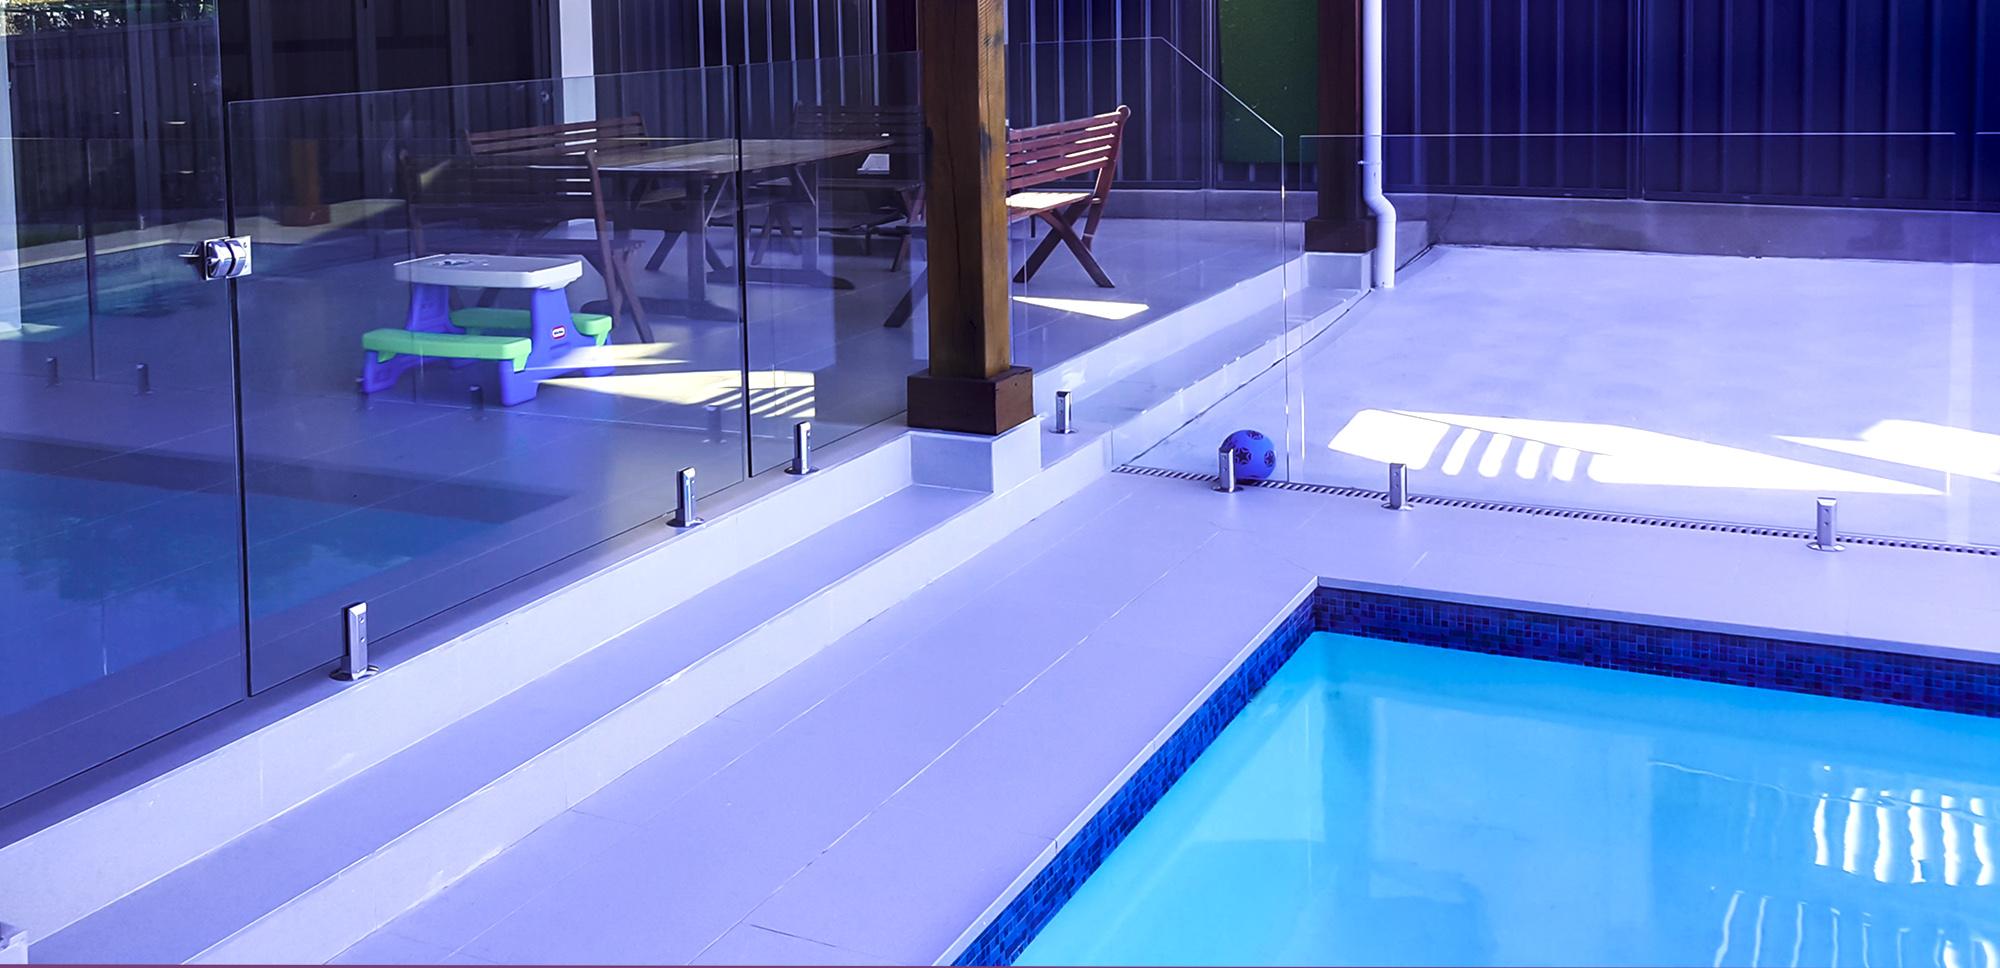 NGS_Pool_Fencing_EDIT_02-3